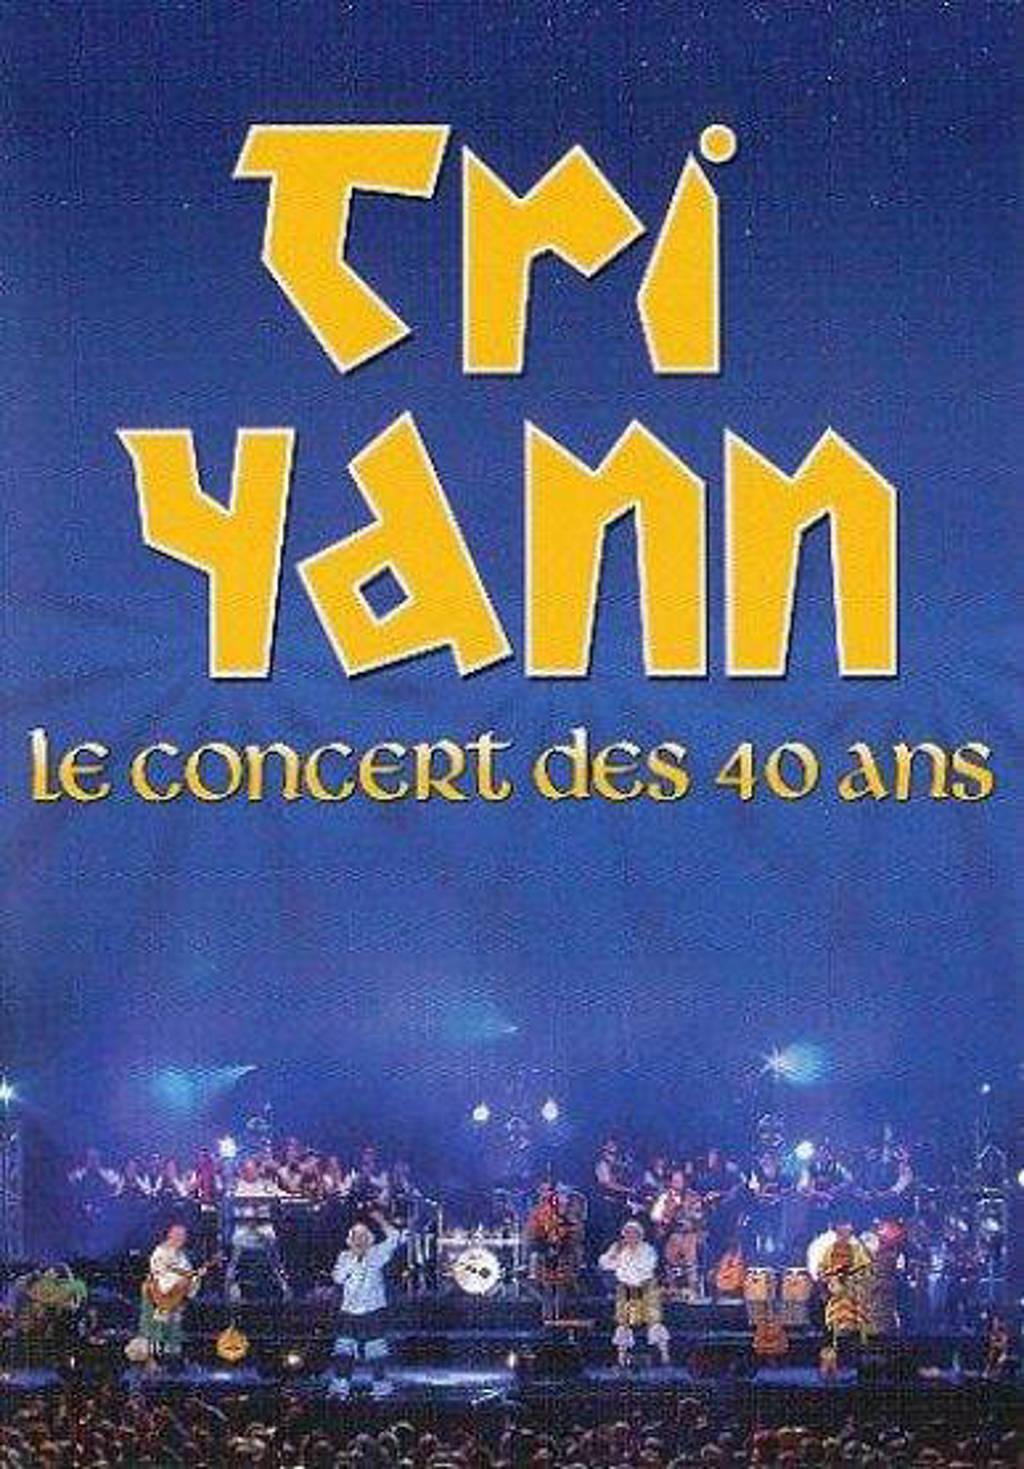 Tri Yann - Le Concert Des 40 Ans (DVD)